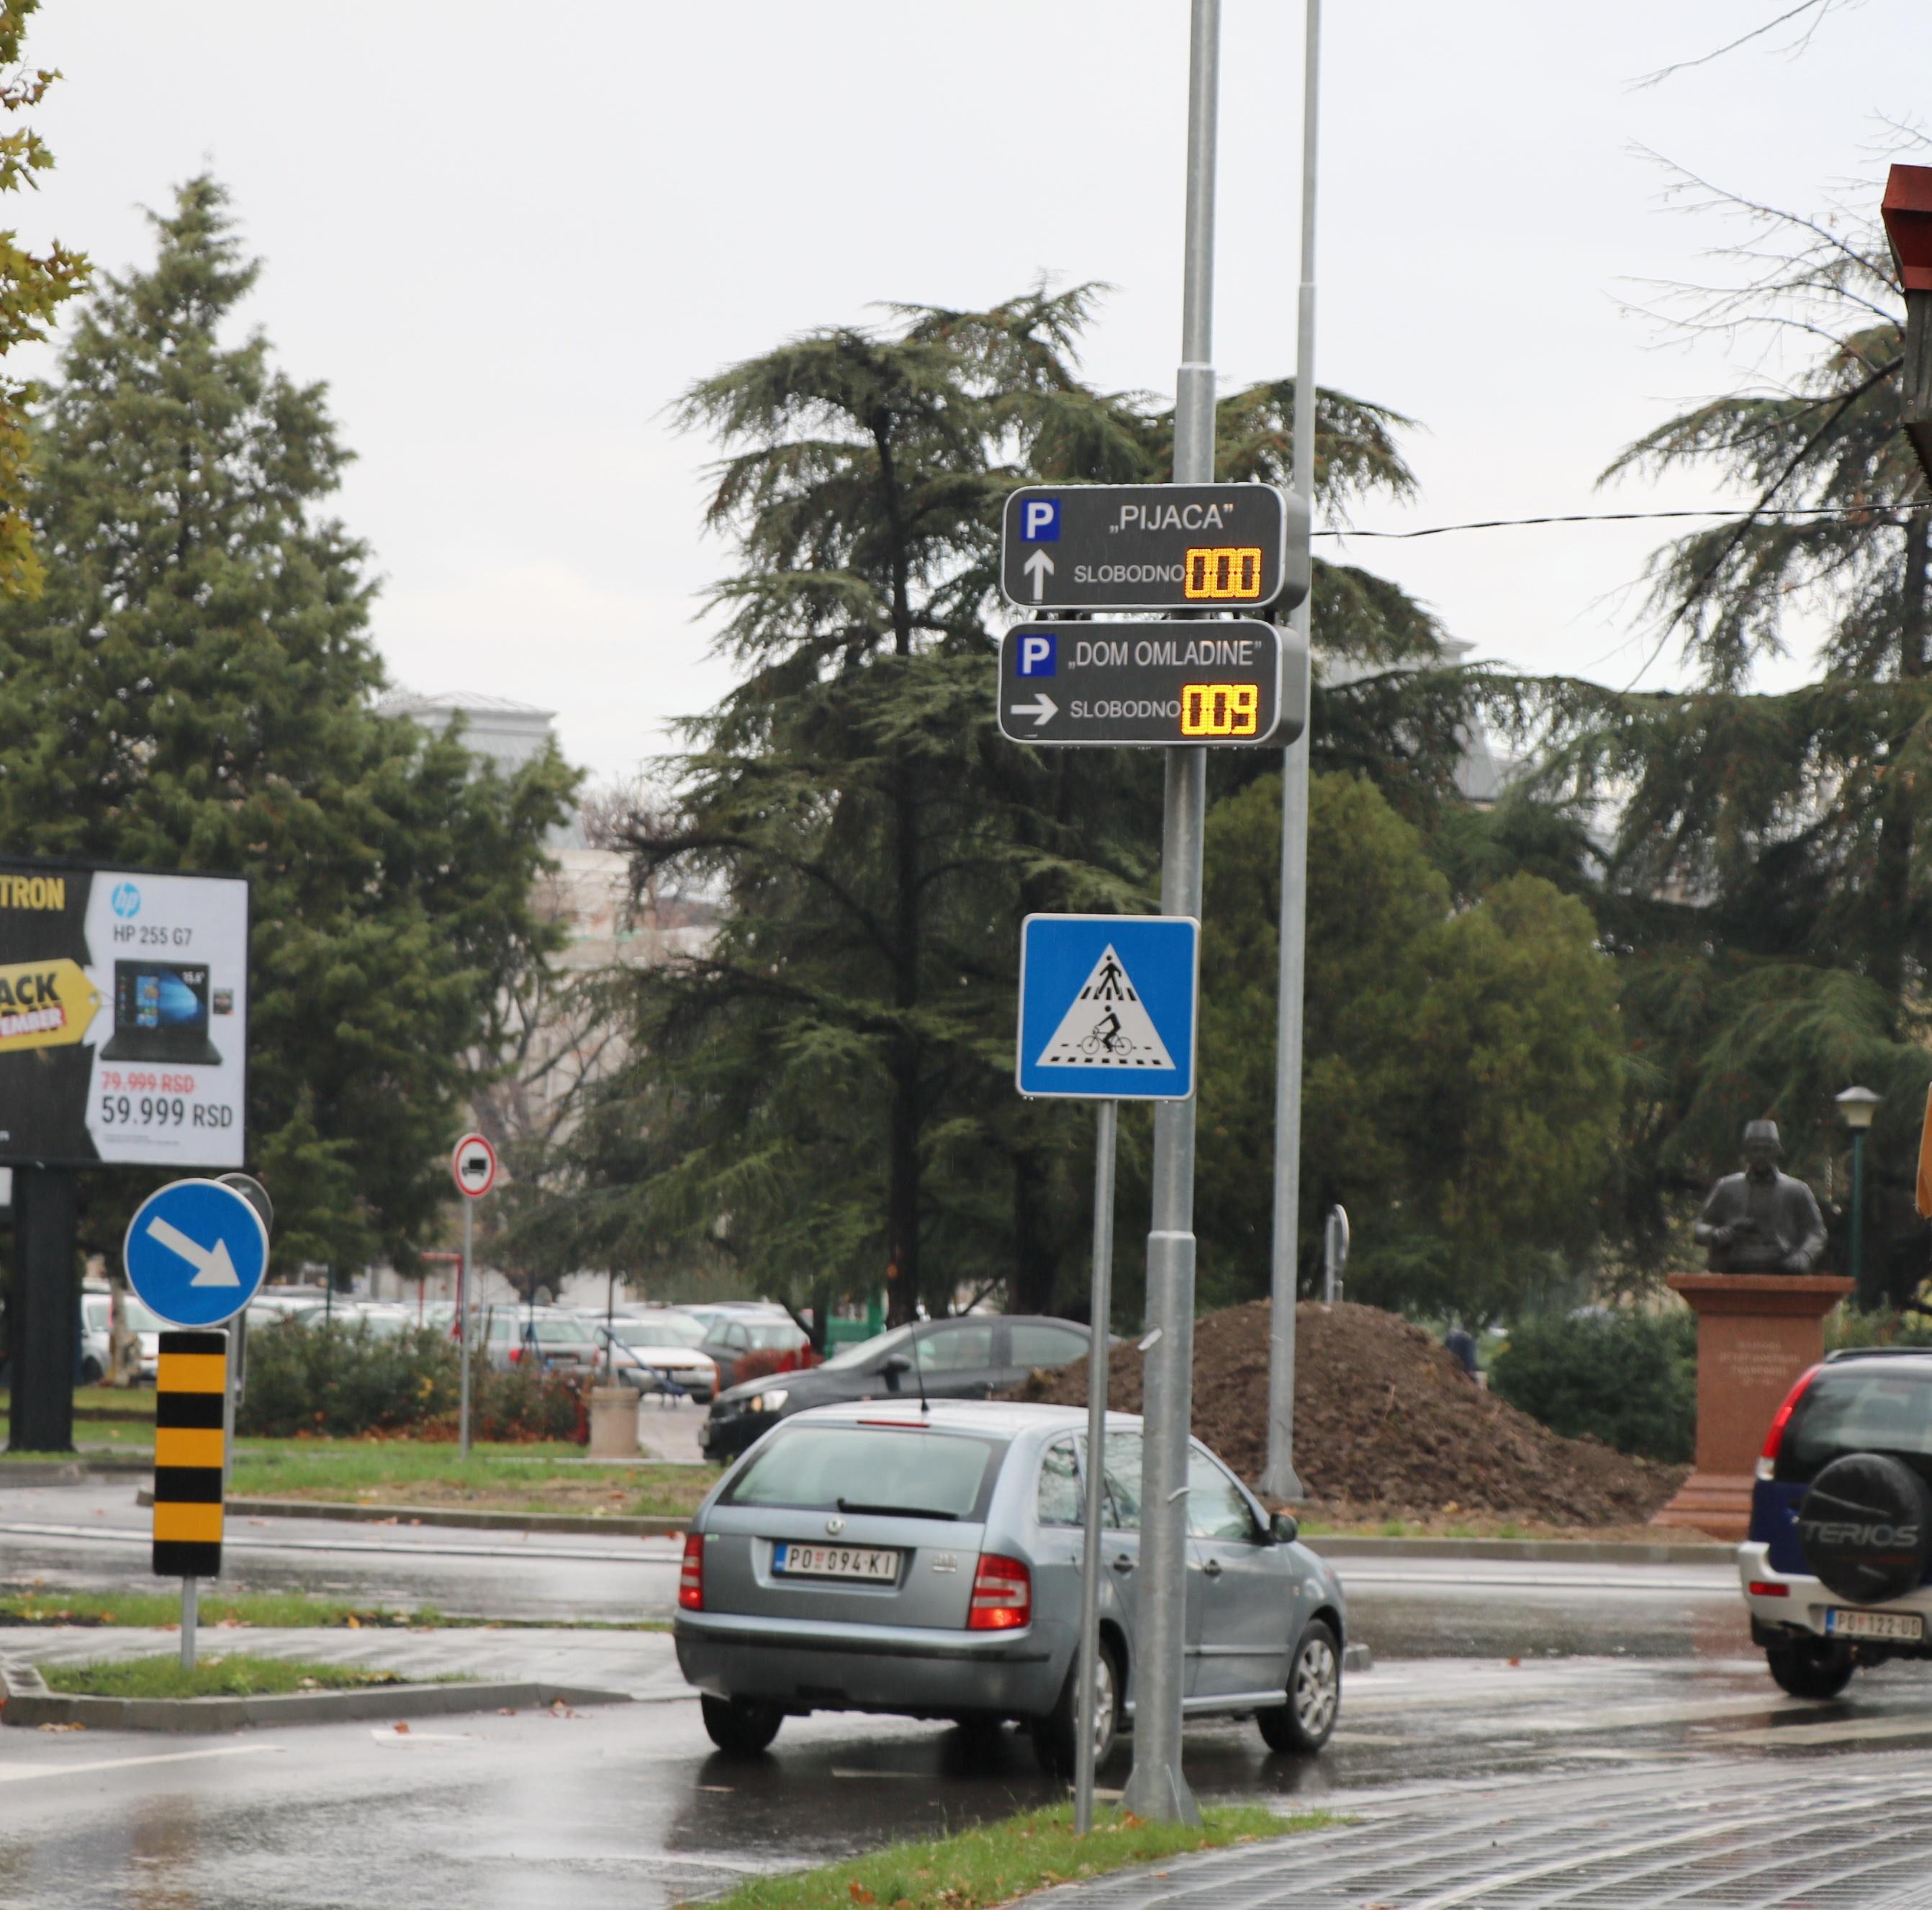 Brojači parking mesta na novom kružnom toku 26650